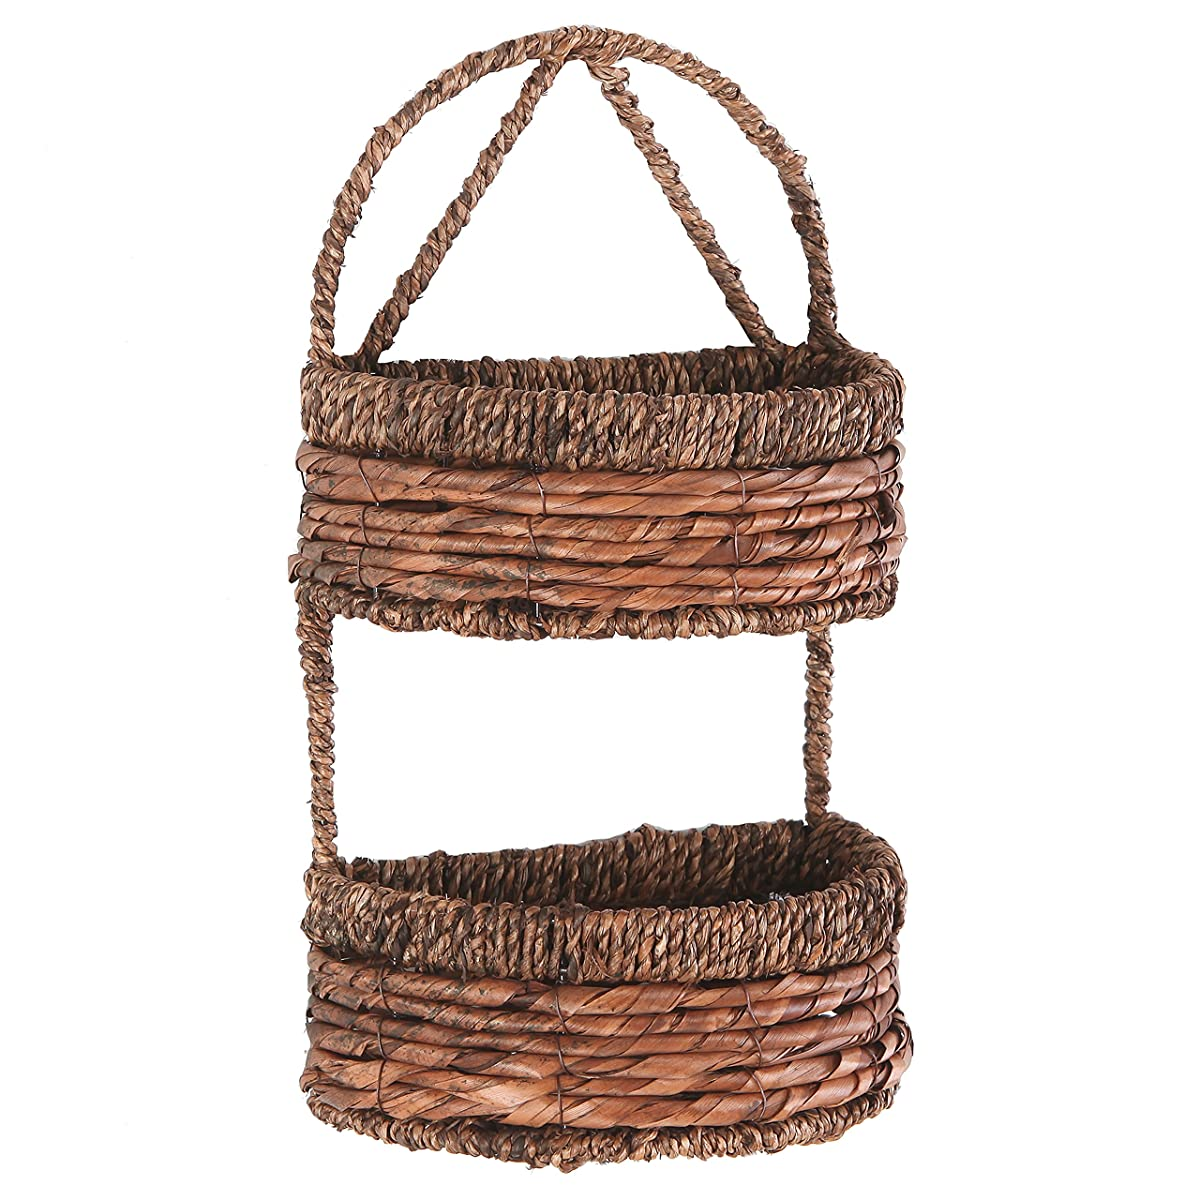 2-Tier Handwoven Brown Seagrass Half Circle Decorative Storage Basket - MyGift